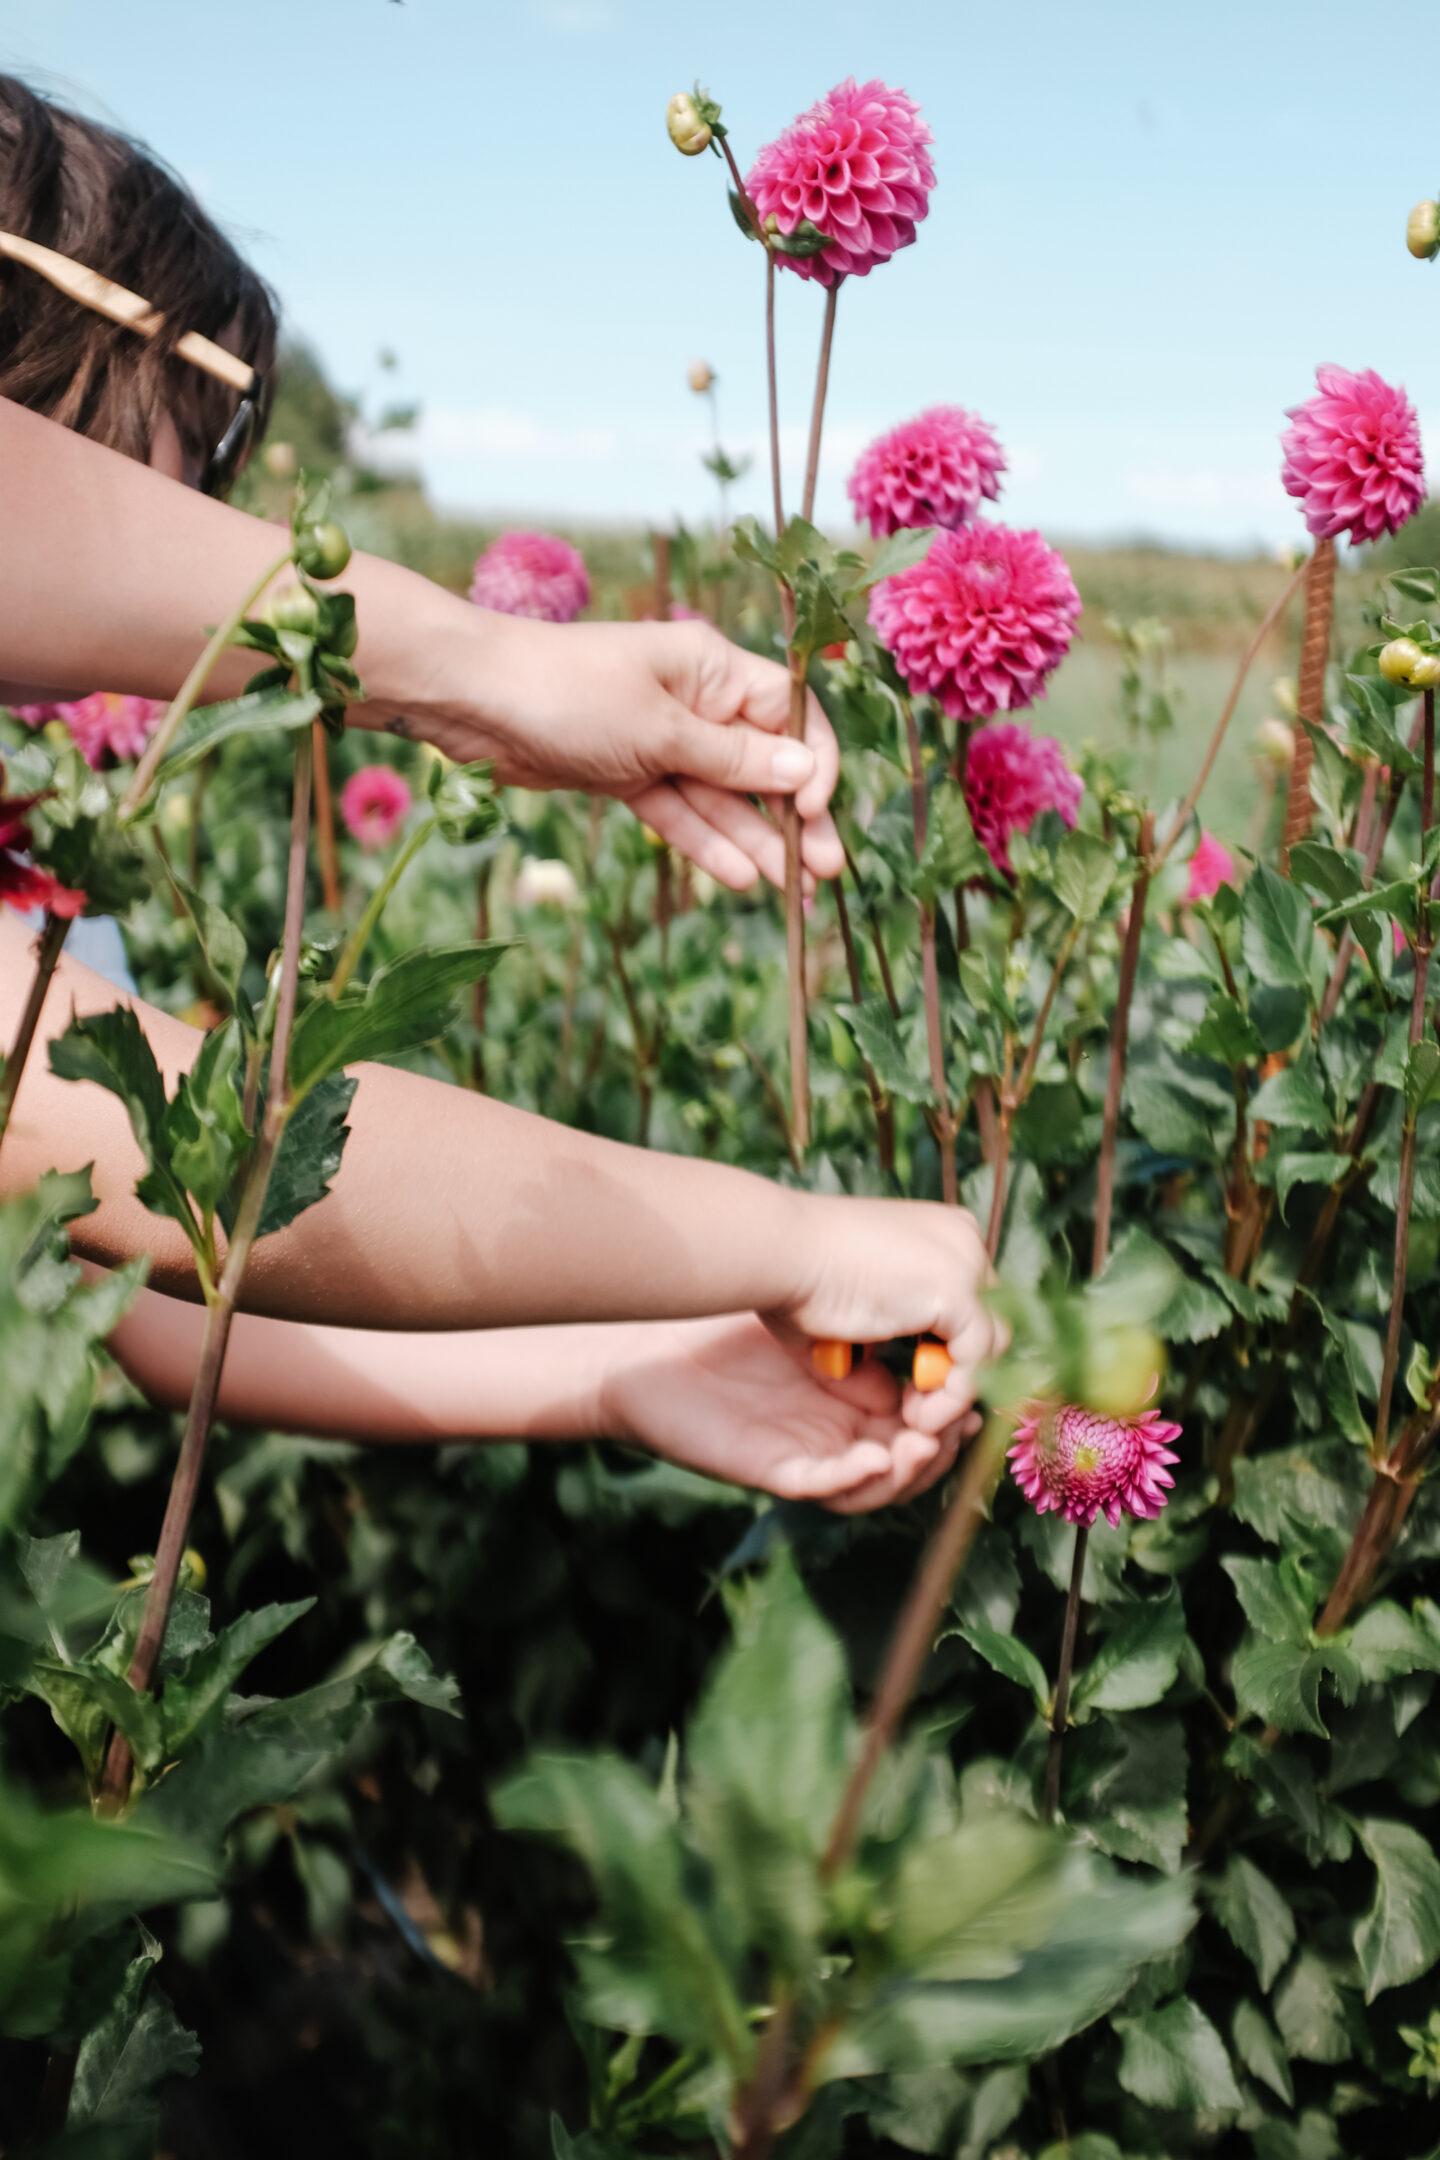 Bucket List: Head to a flower field near Montreal